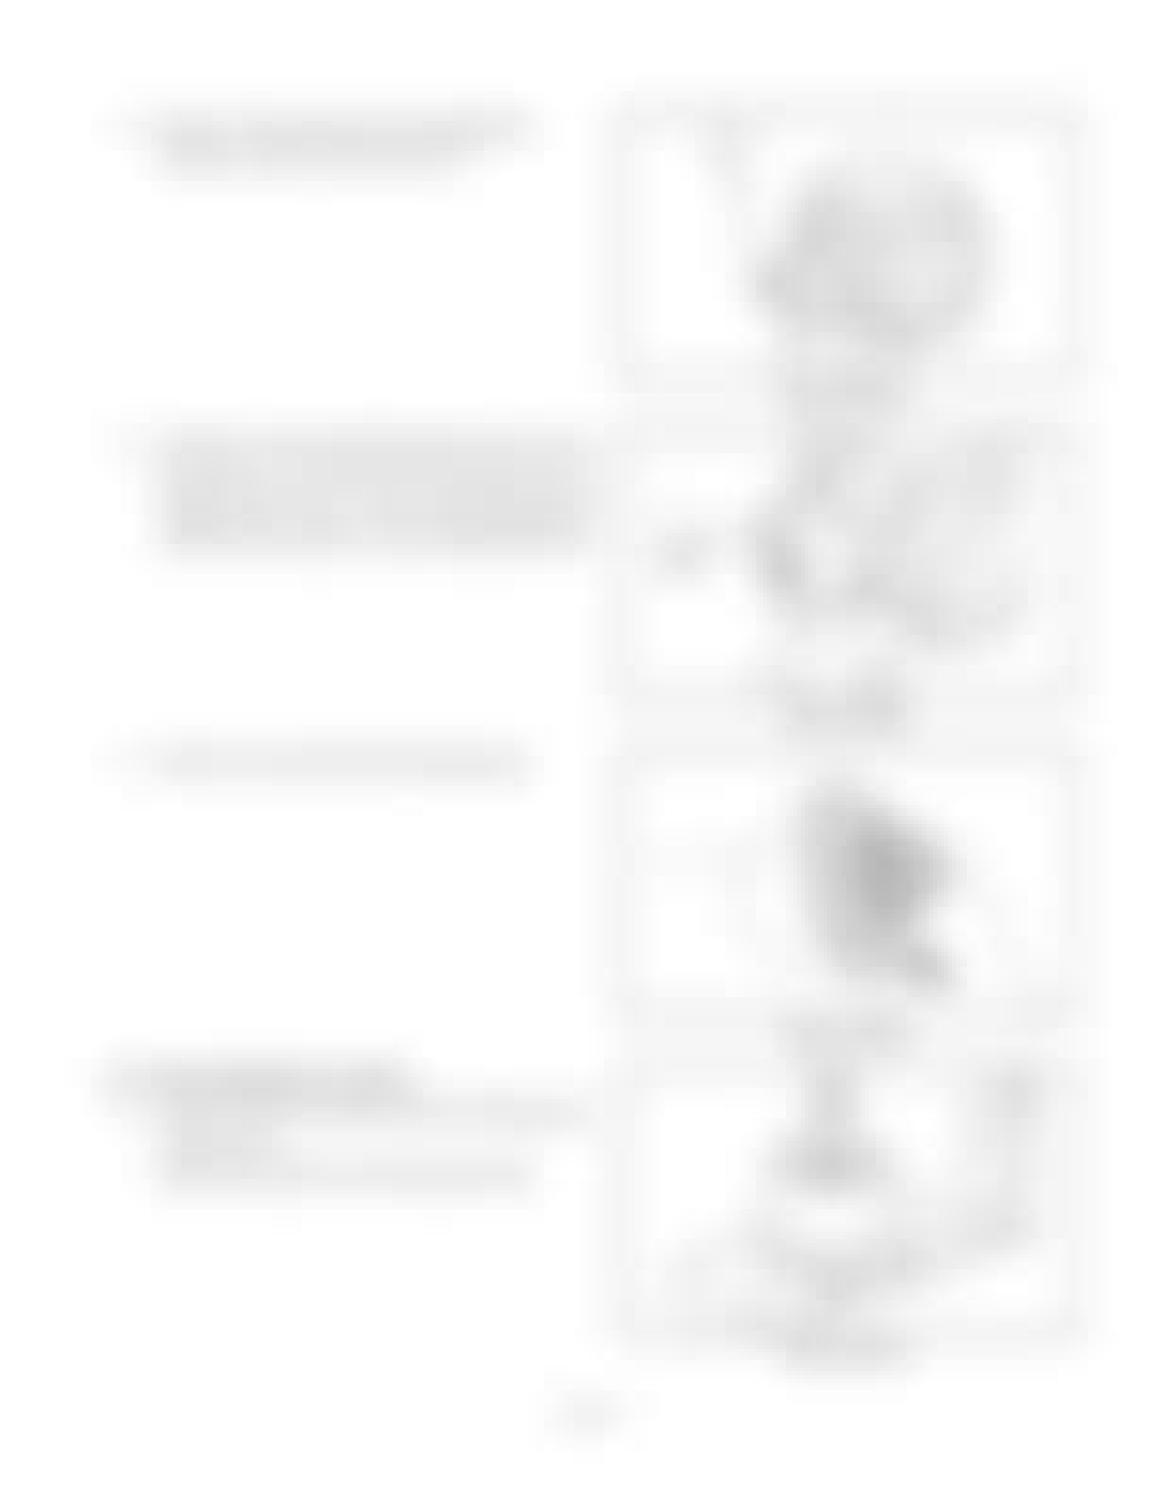 Hitachi LX110-7 LX130-7 LX160-7 LX190-7 LX230-7 Wheel Loader Workshop Manual - PDF DOWNLOAD page 161